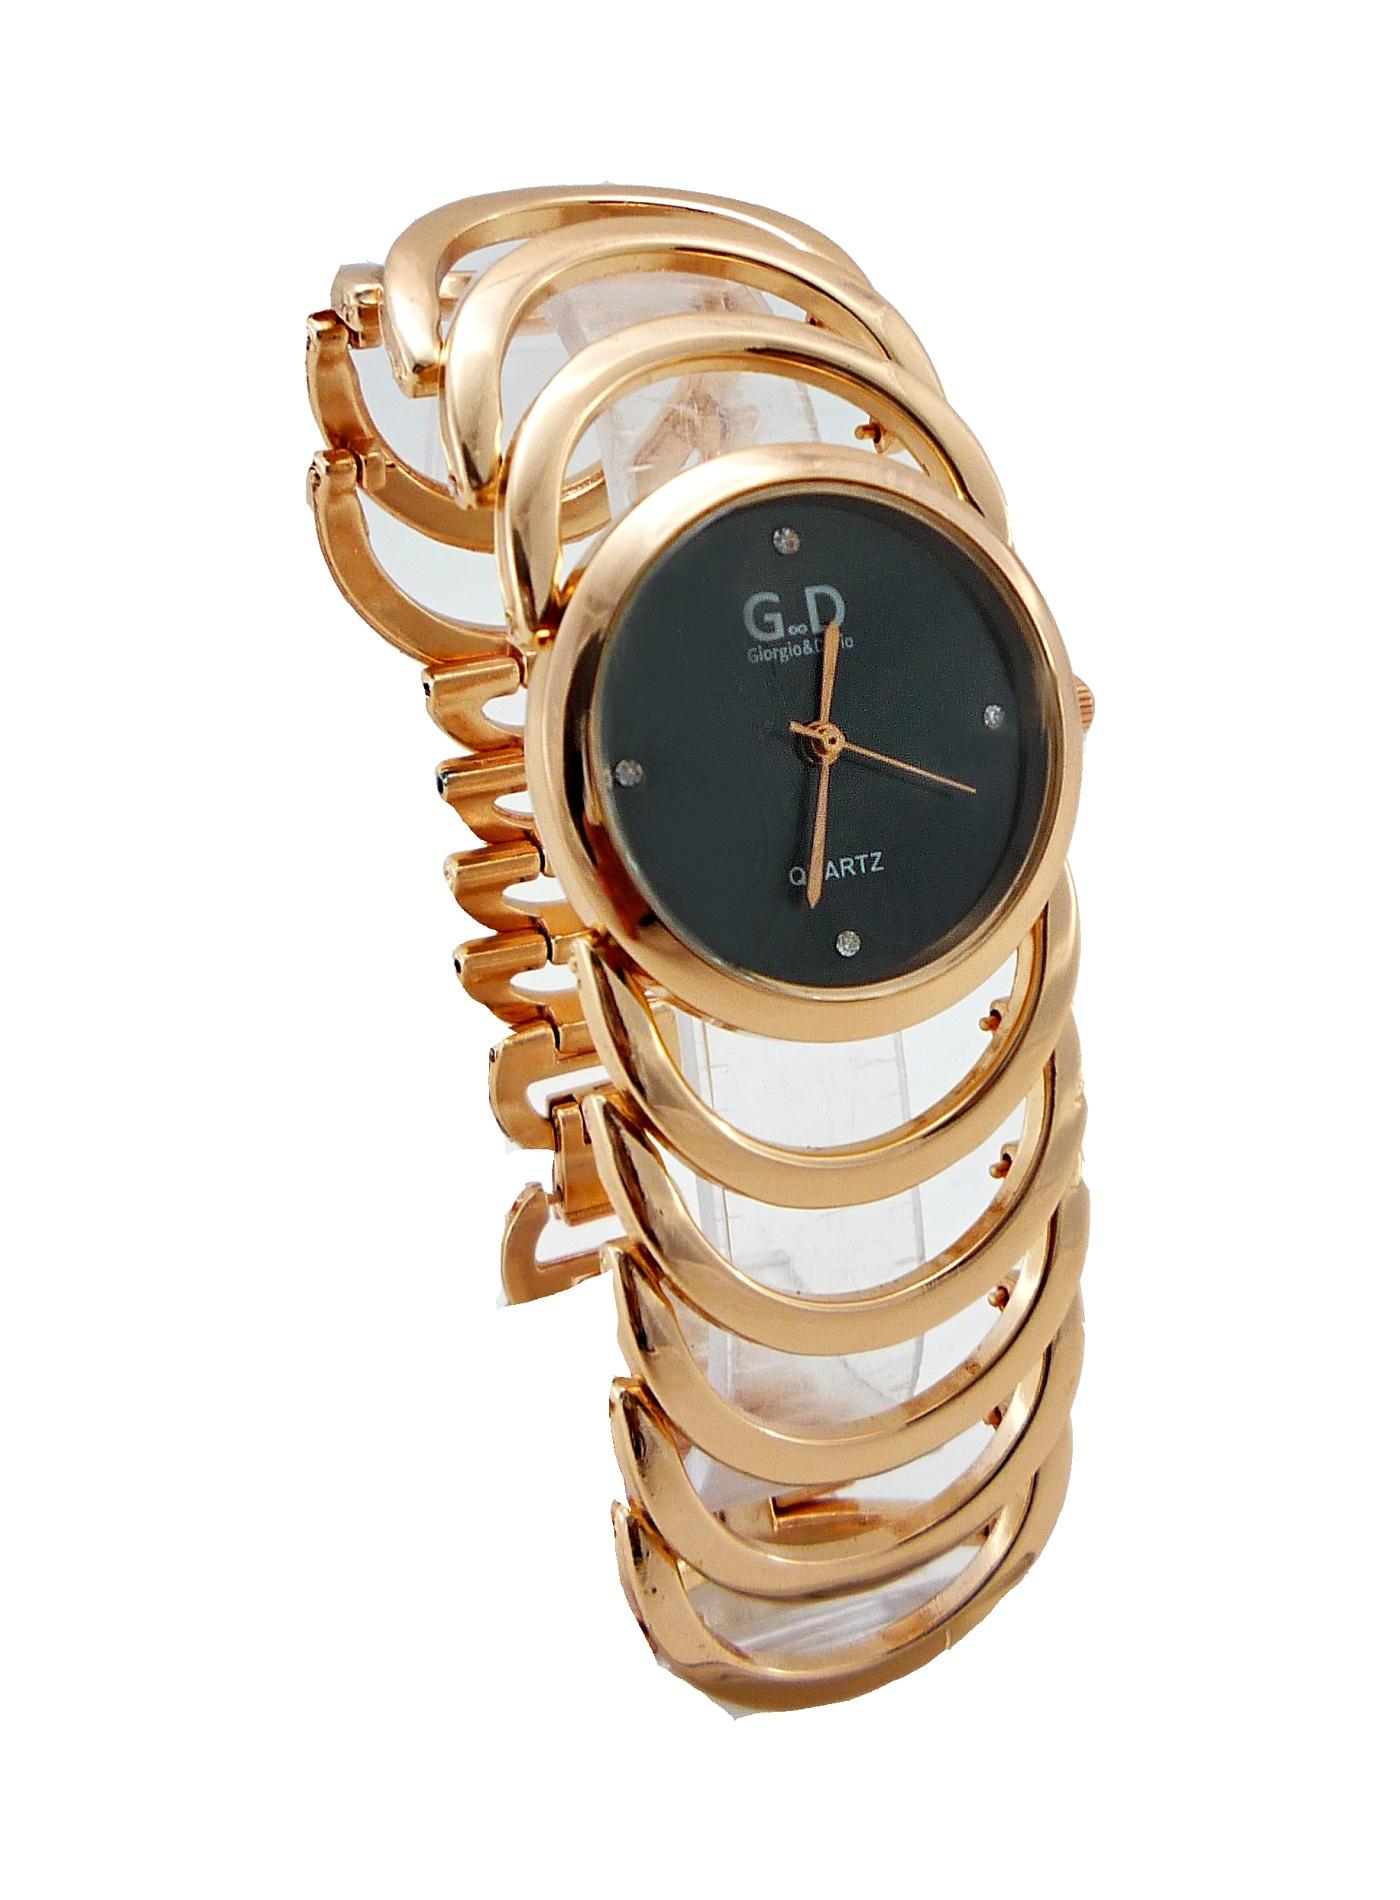 Dámské hodinky G.D Gold rose nice 117D